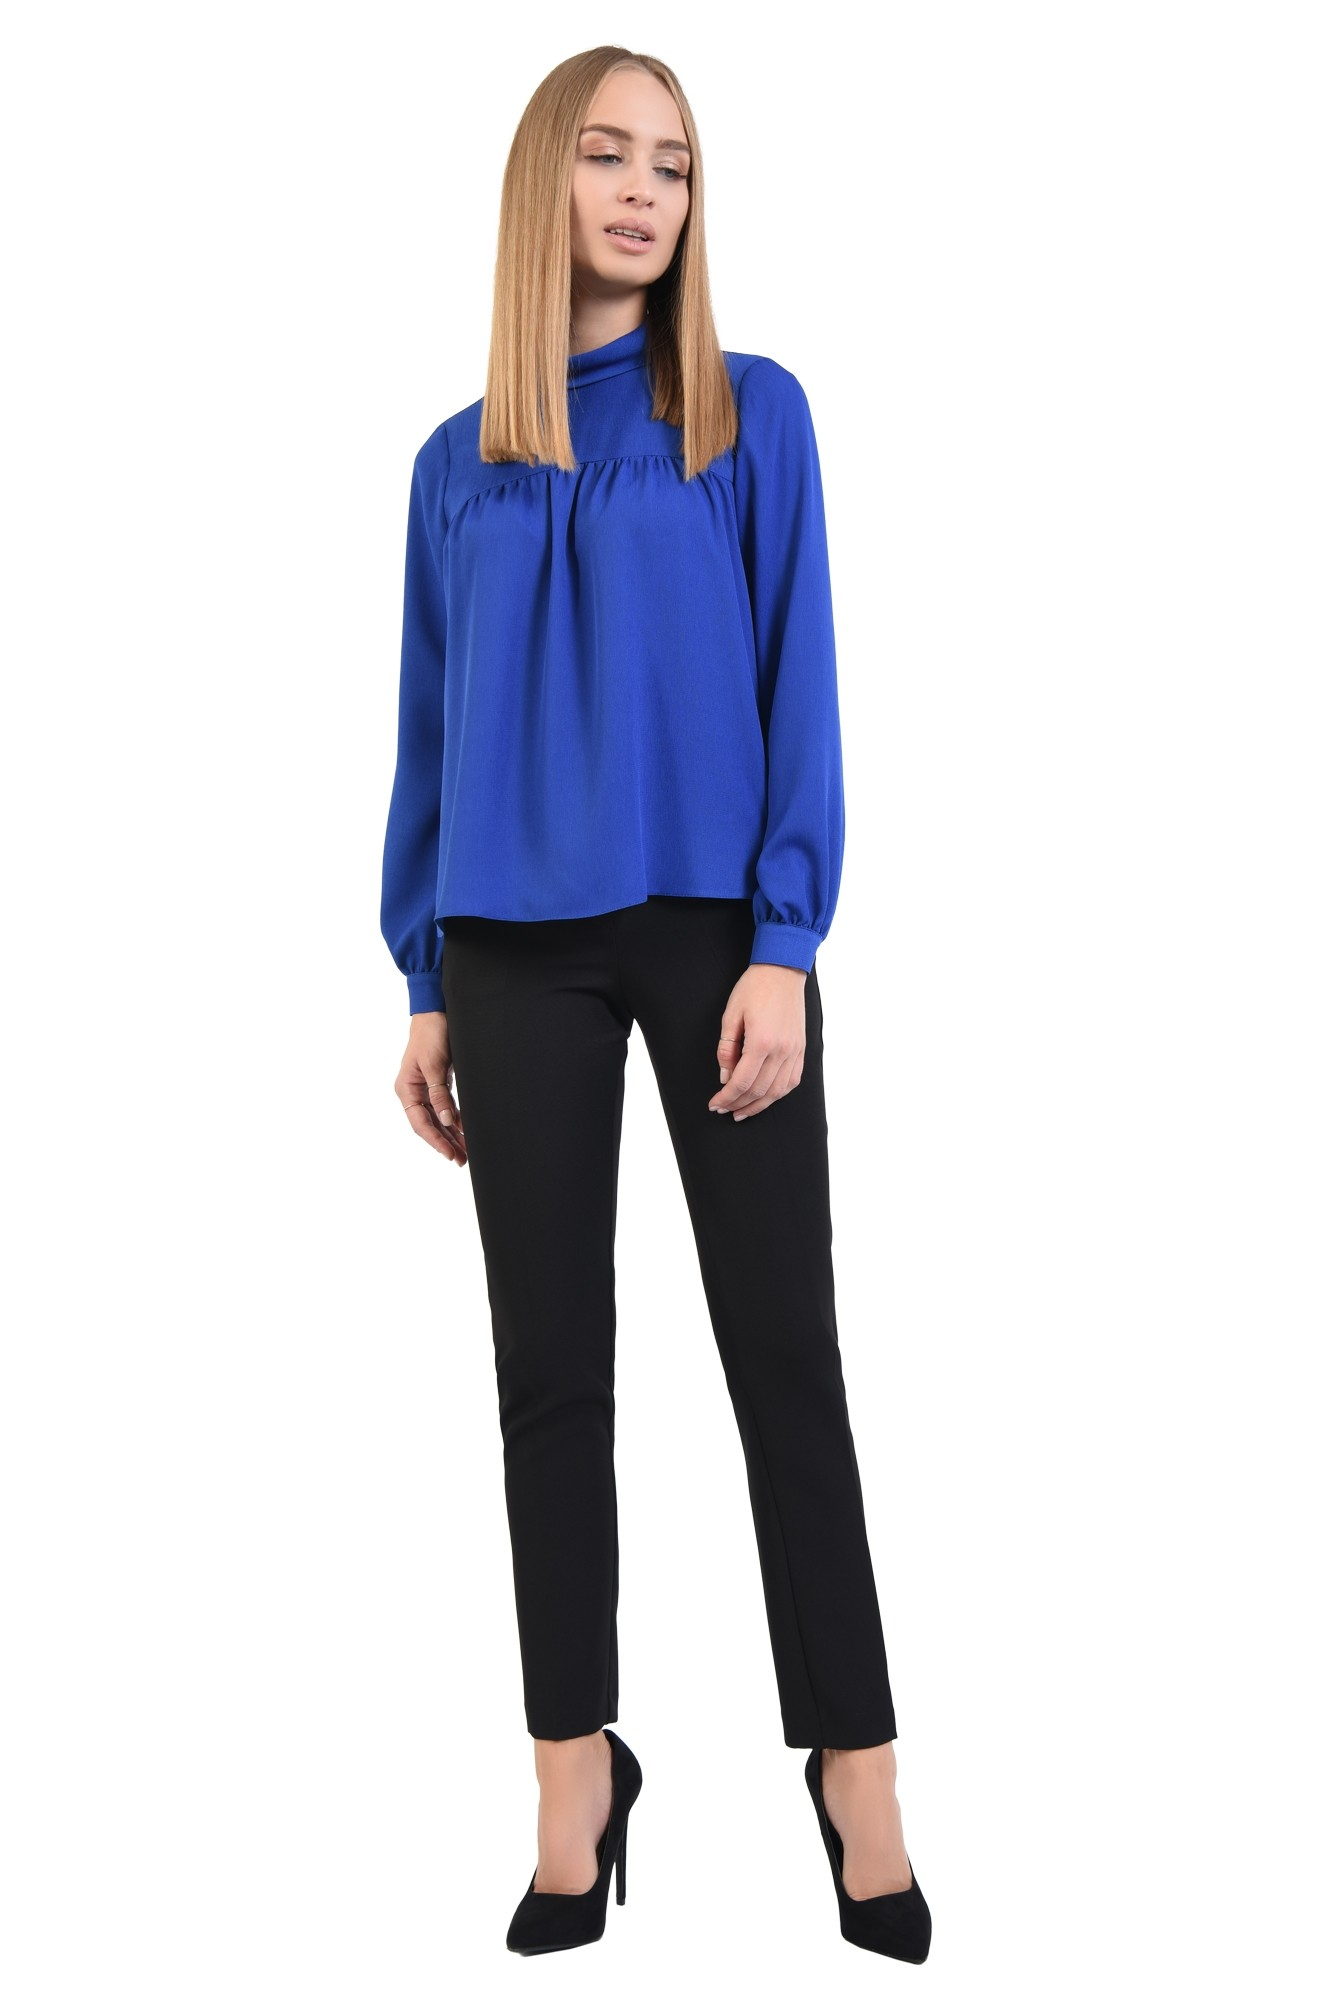 360 - bluza albastra, croi lejer, maneci lungi